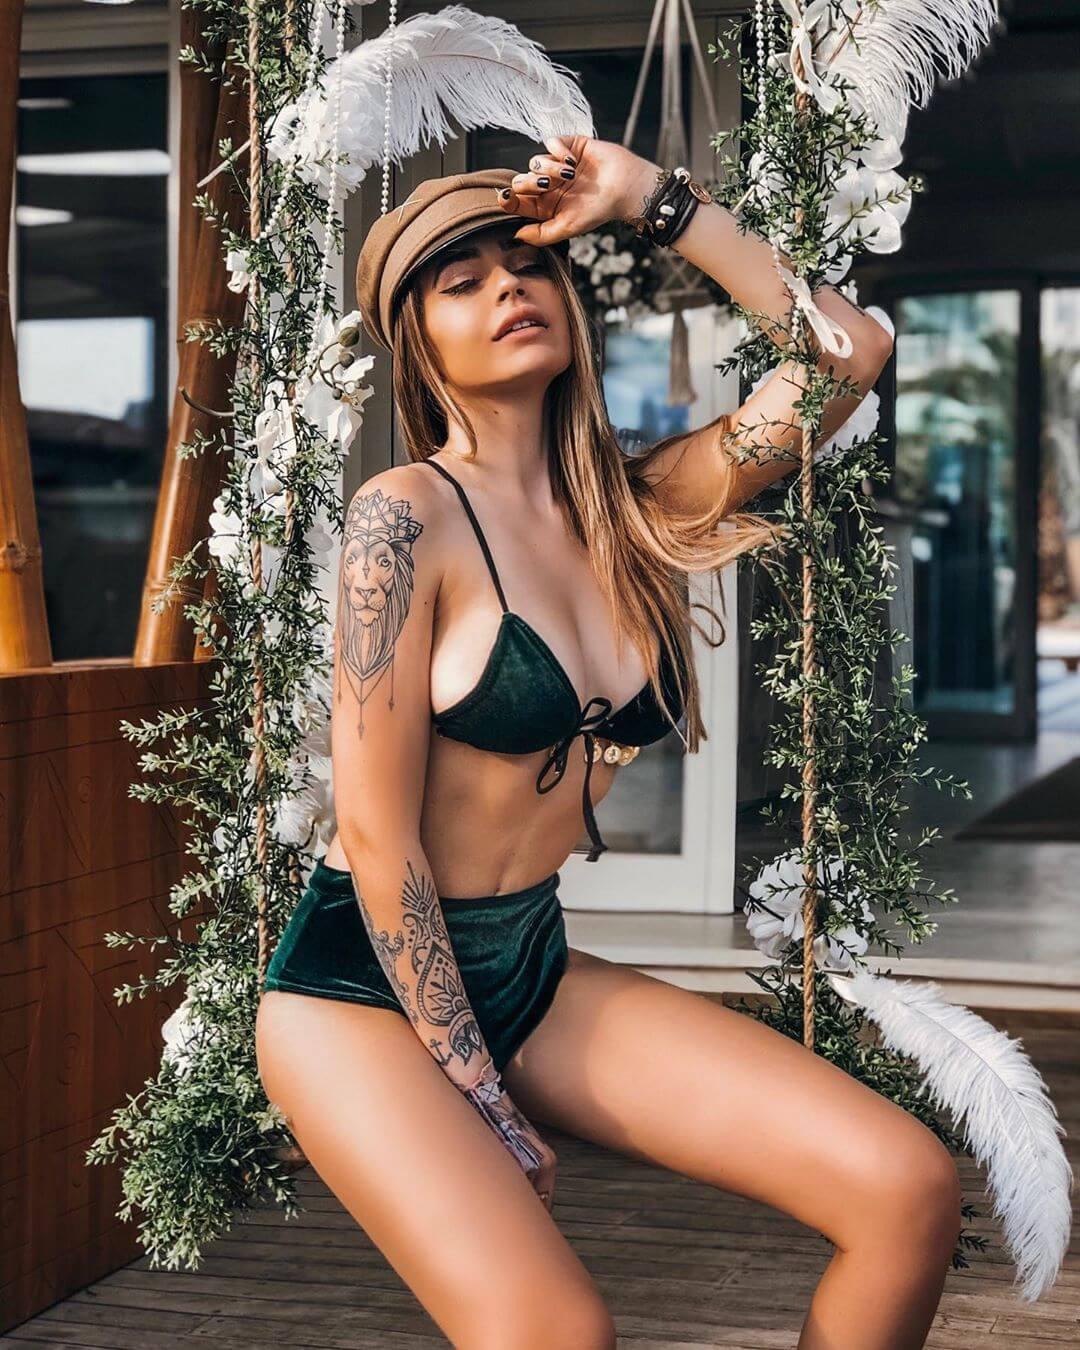 Ginevra Lambruschi sexy bikini pics (2)